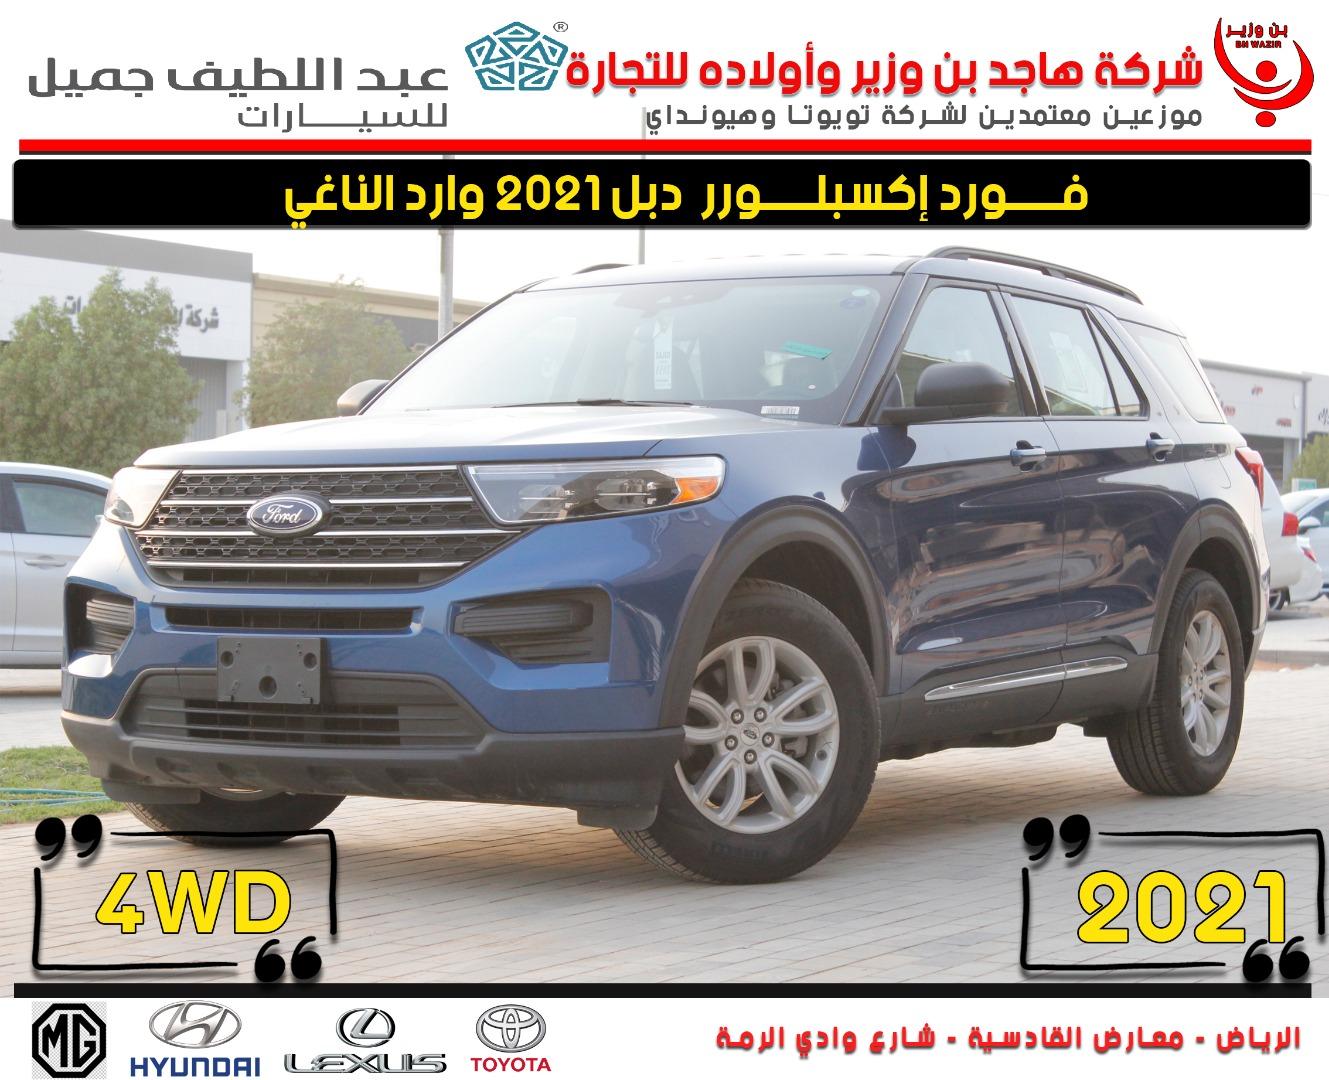 مباع - فورد  اكسبلورر  XLT  2021 دبل ايكوبوست وارد الناغي  للبيع في الرياض - السعودية - صورة كبيرة - 1